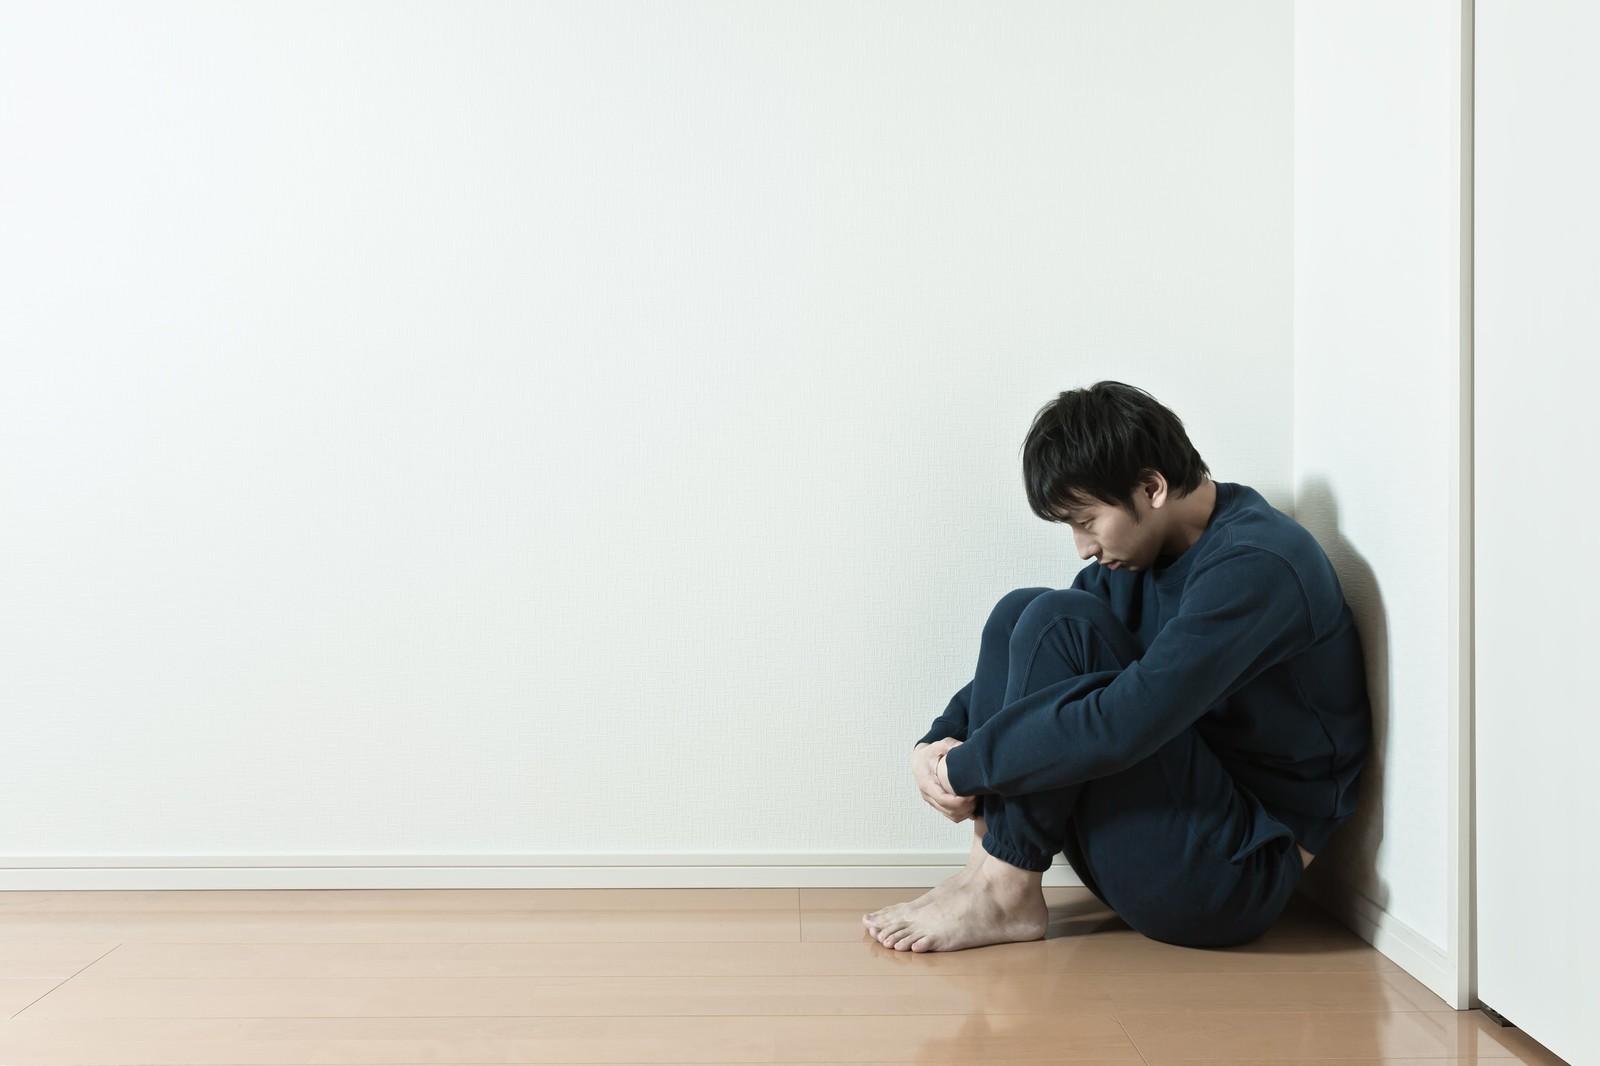 仕事に限界を感じたら転職を考えてほしい。大きなストレスは解消なんてできない